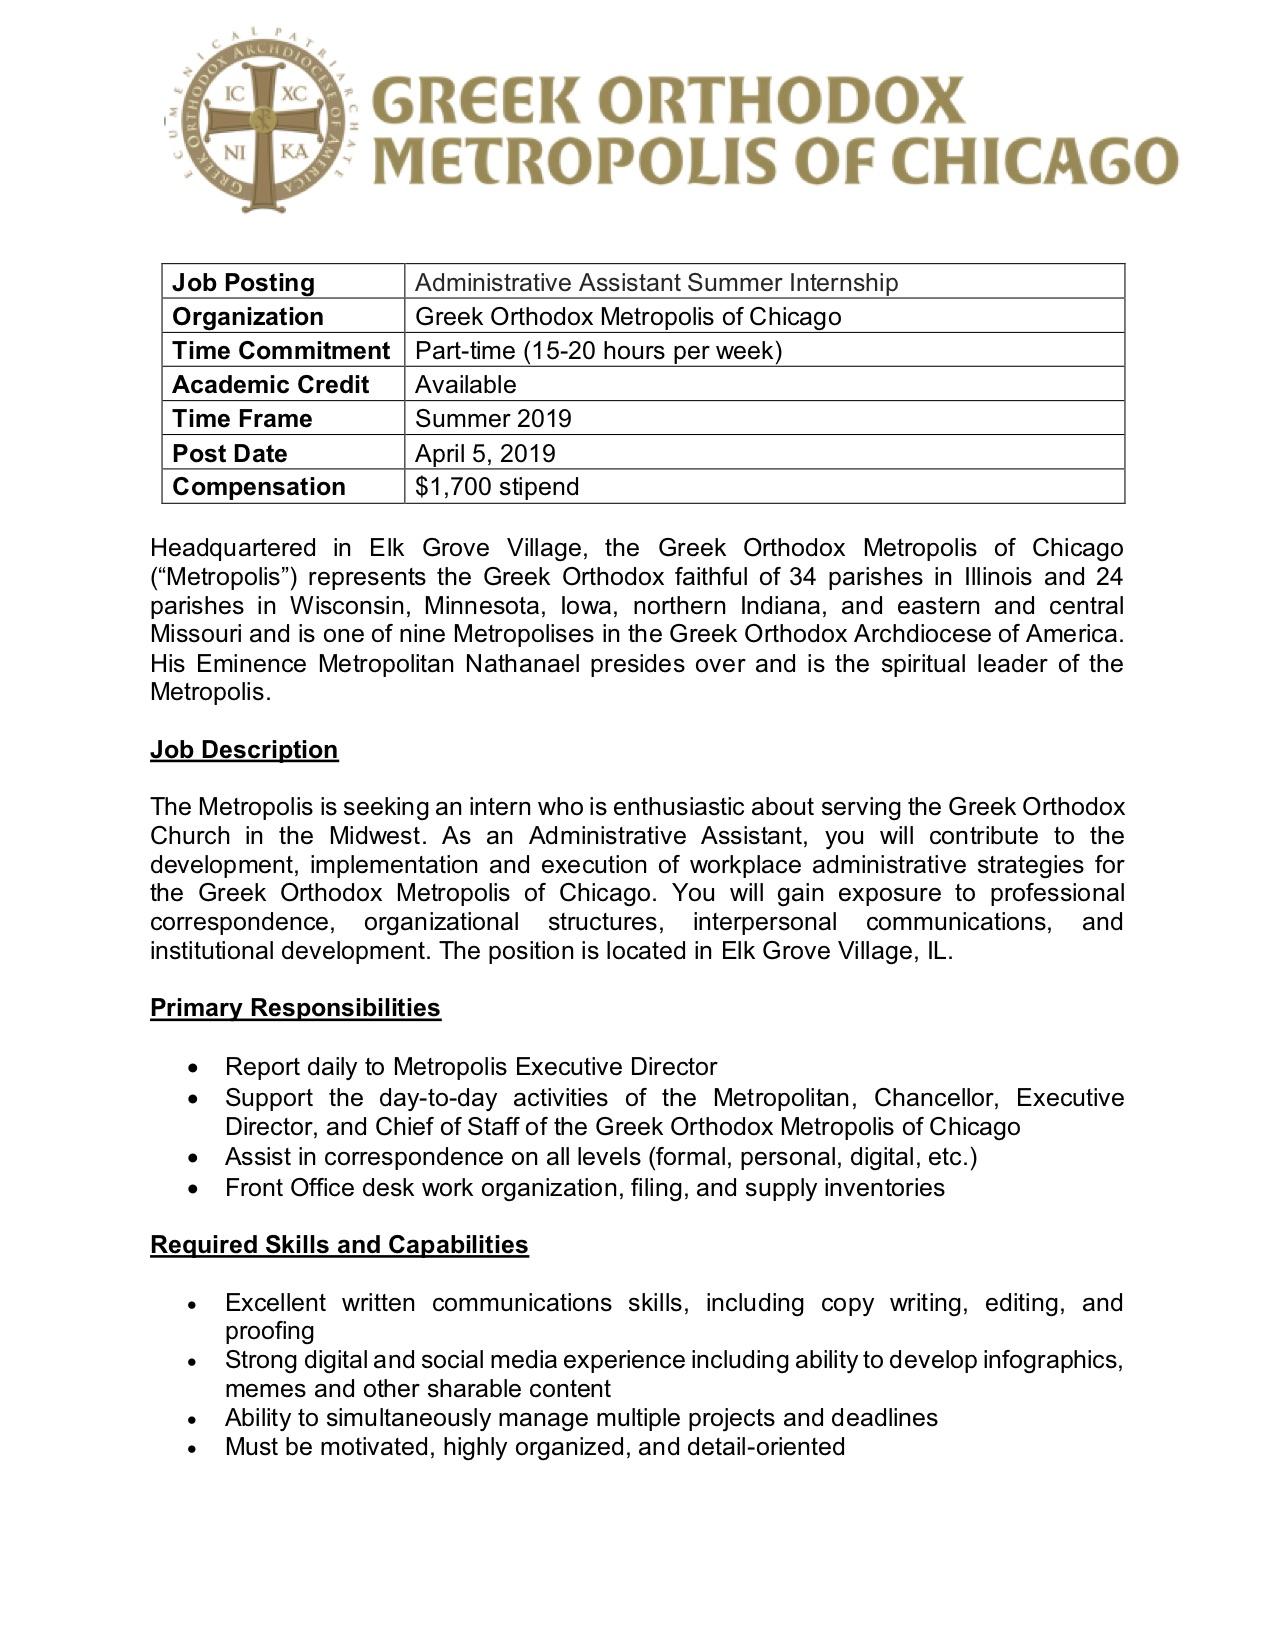 Metropolis Intern Job Description Administrative Assistant.jpg